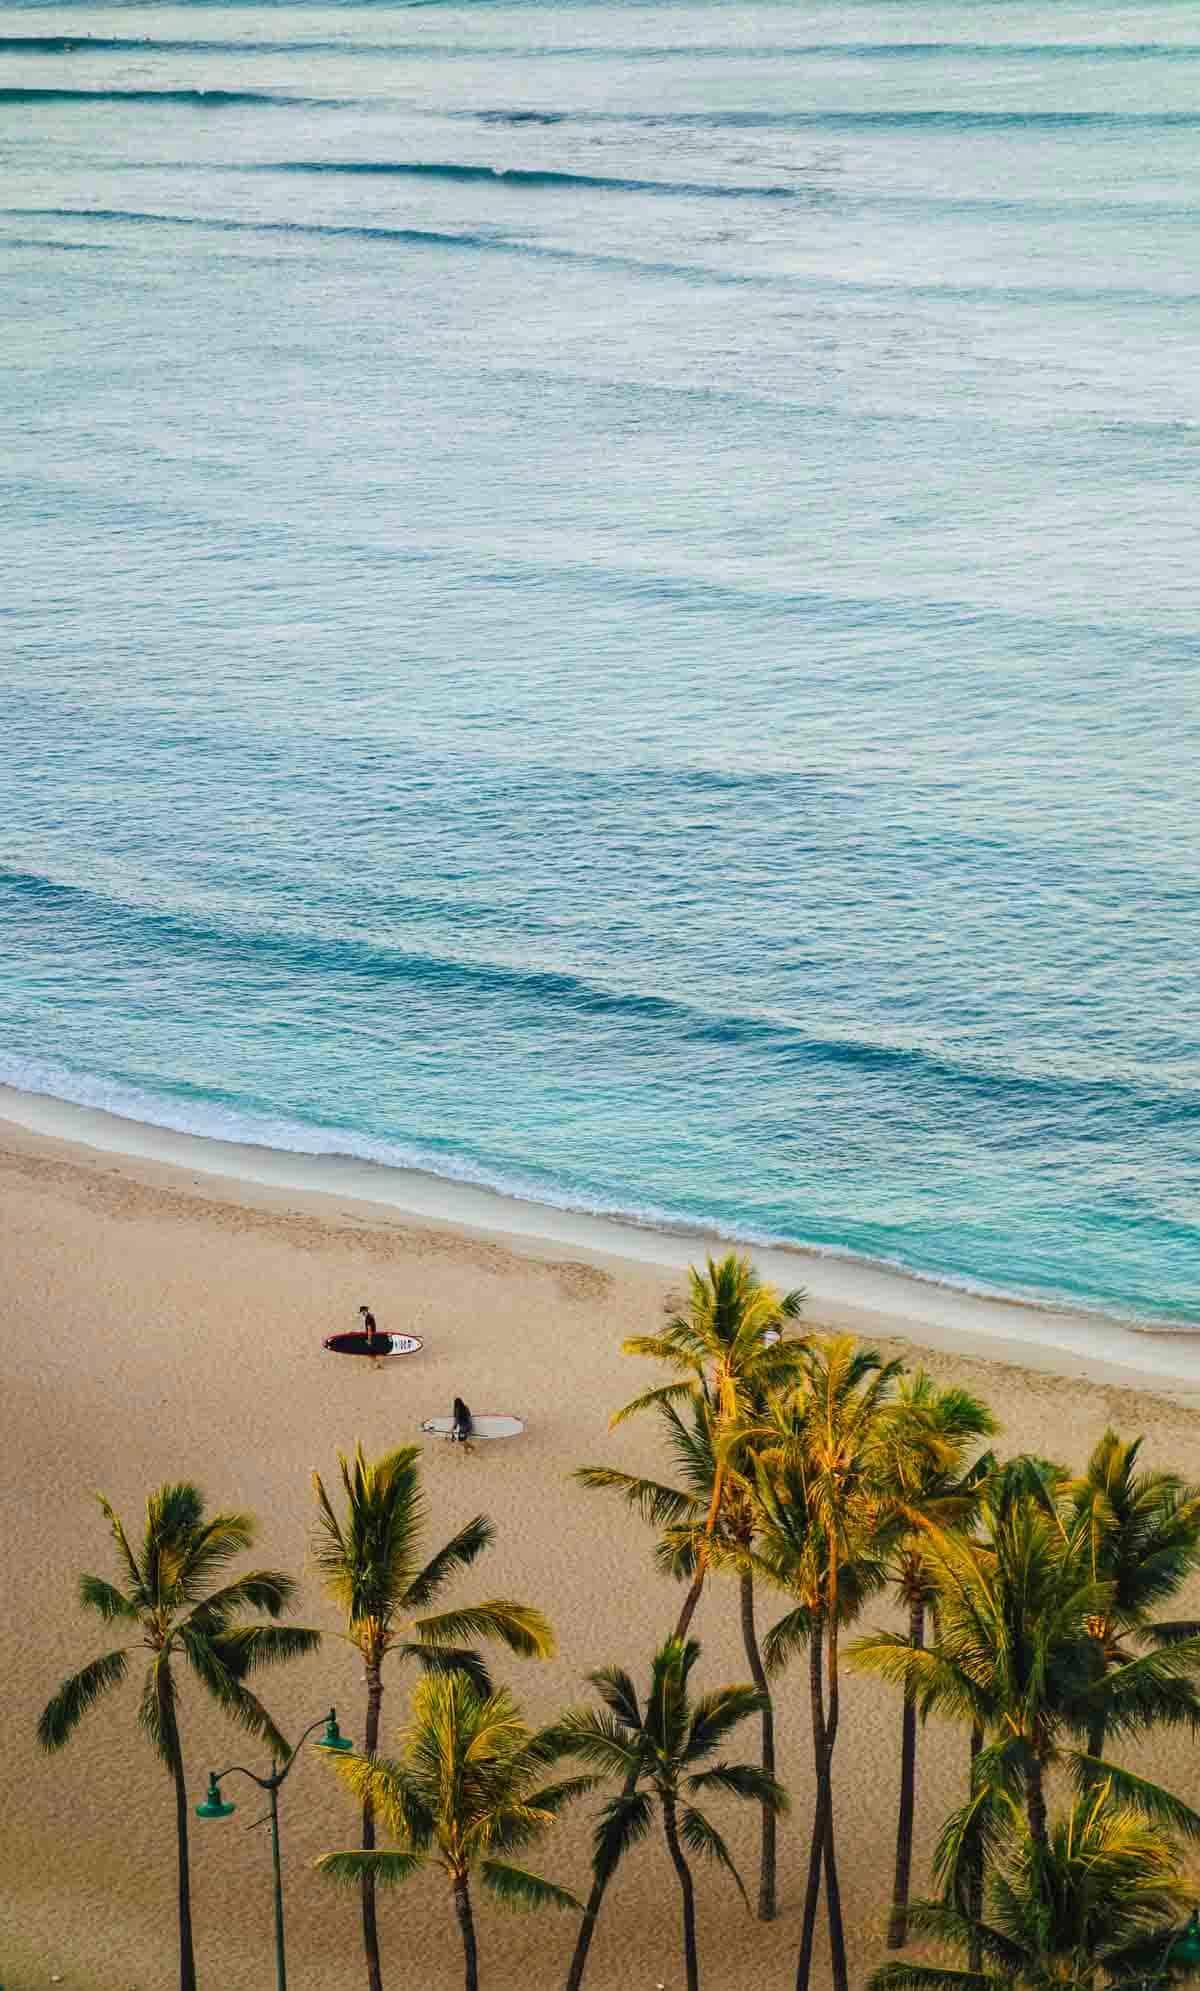 10 Best Snorkeling Spots In Oahu